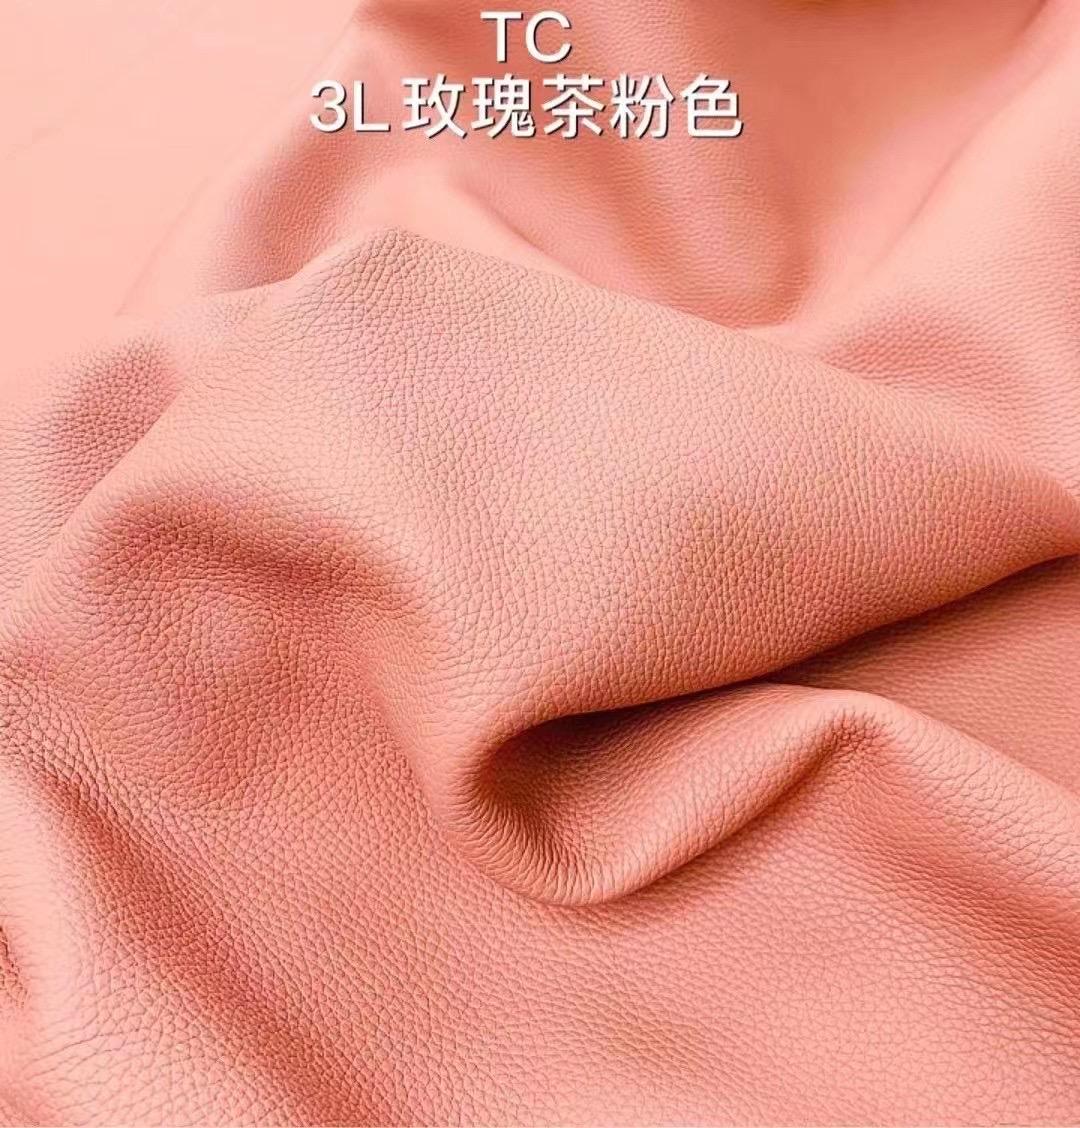 愛馬仕皮革分類 Hermes taurillon Clemence 3L 玫瑰茶粉色 接受訂製